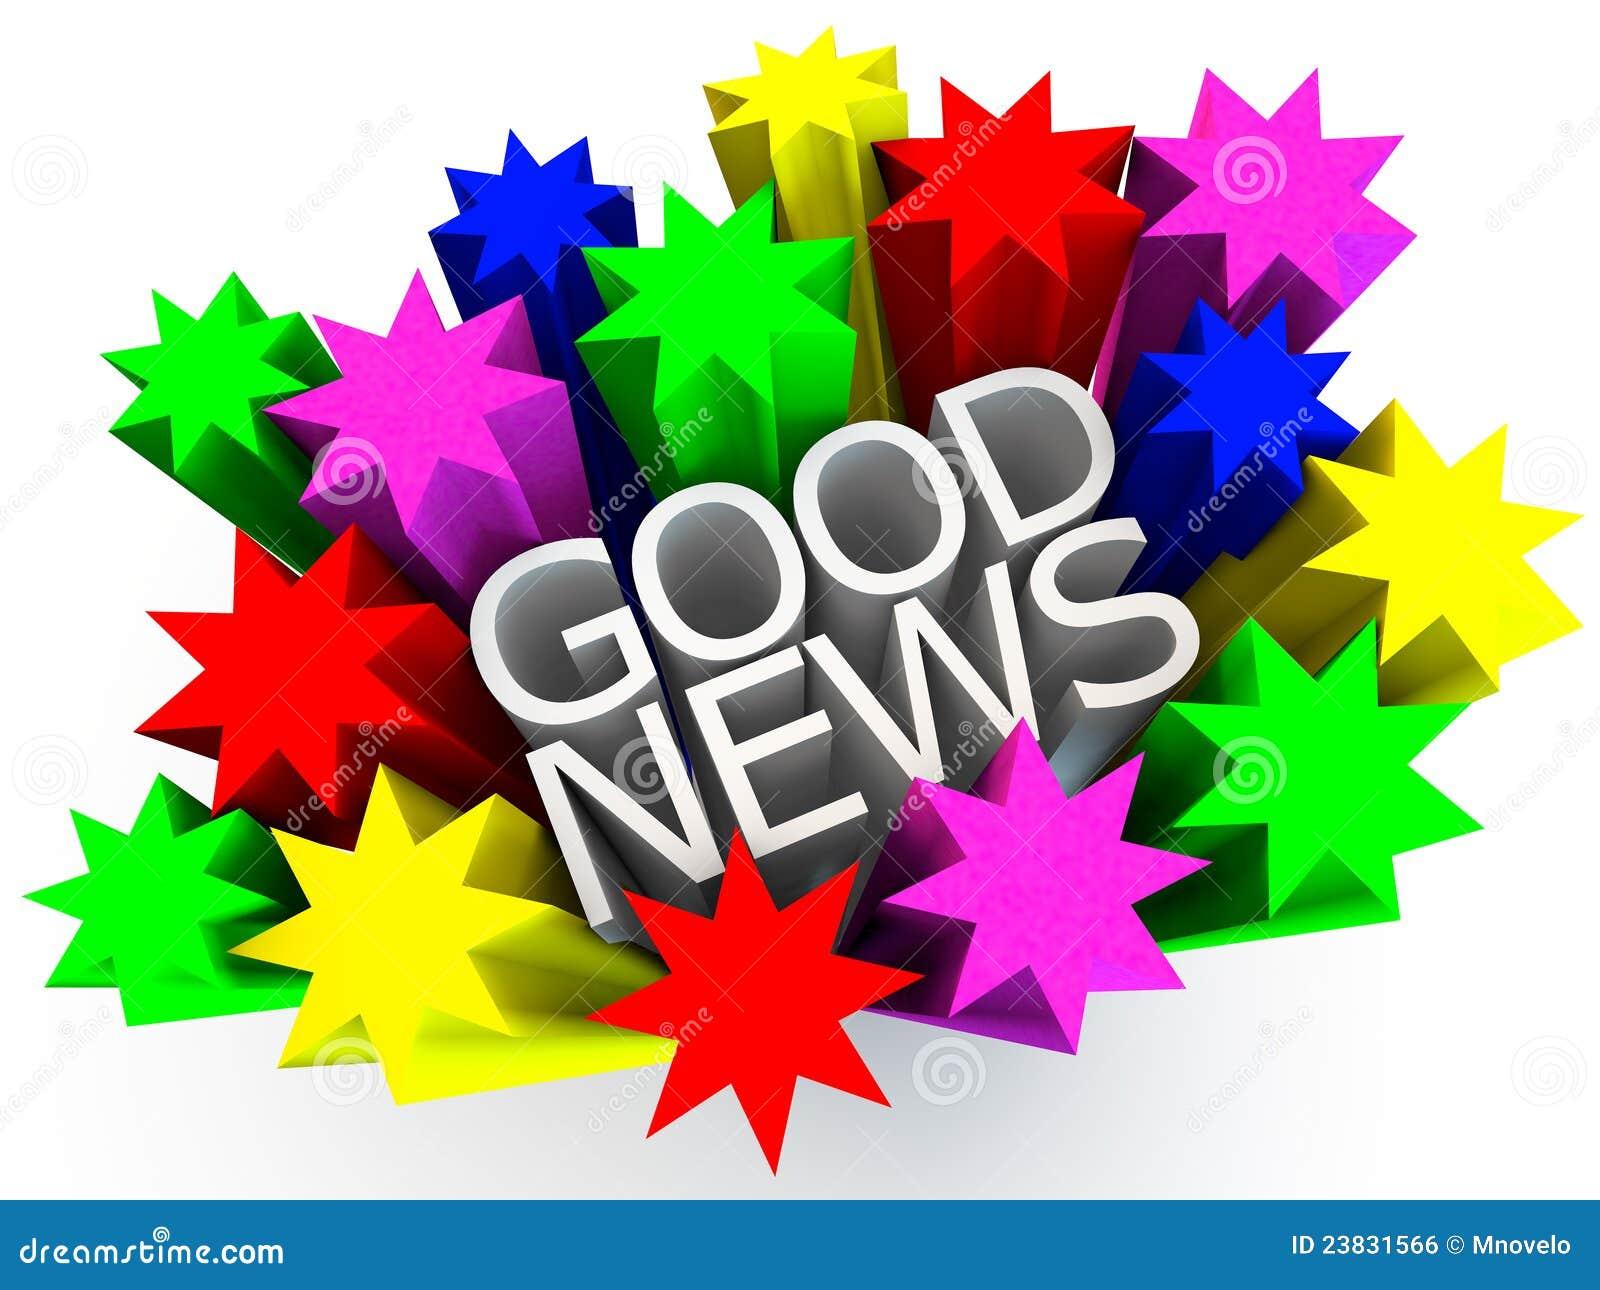 good news royalty free stock image image 23831566 praying clipart lds praying clip art free